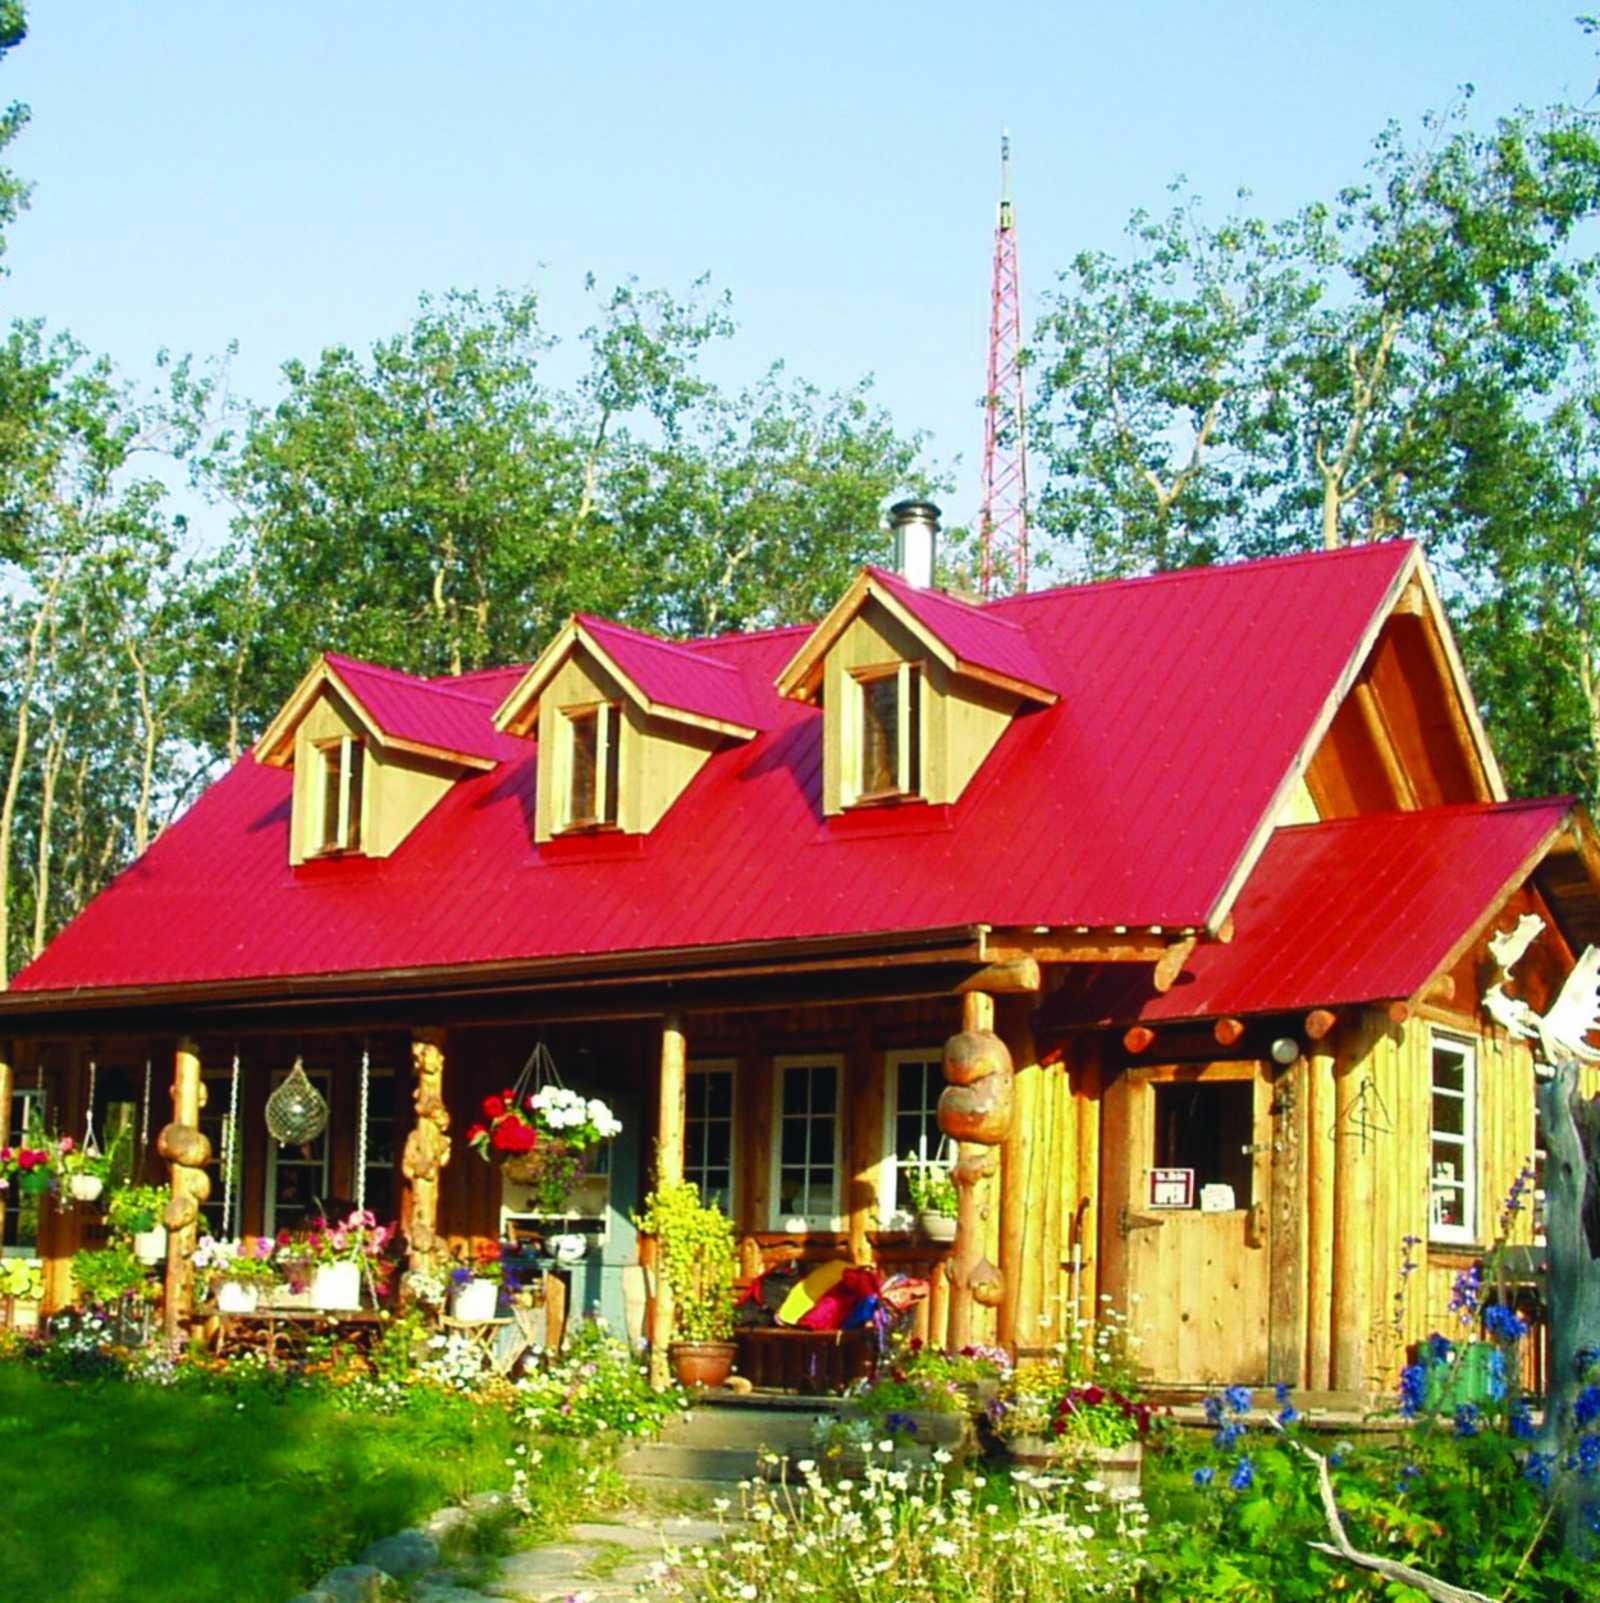 B&B The Cabin